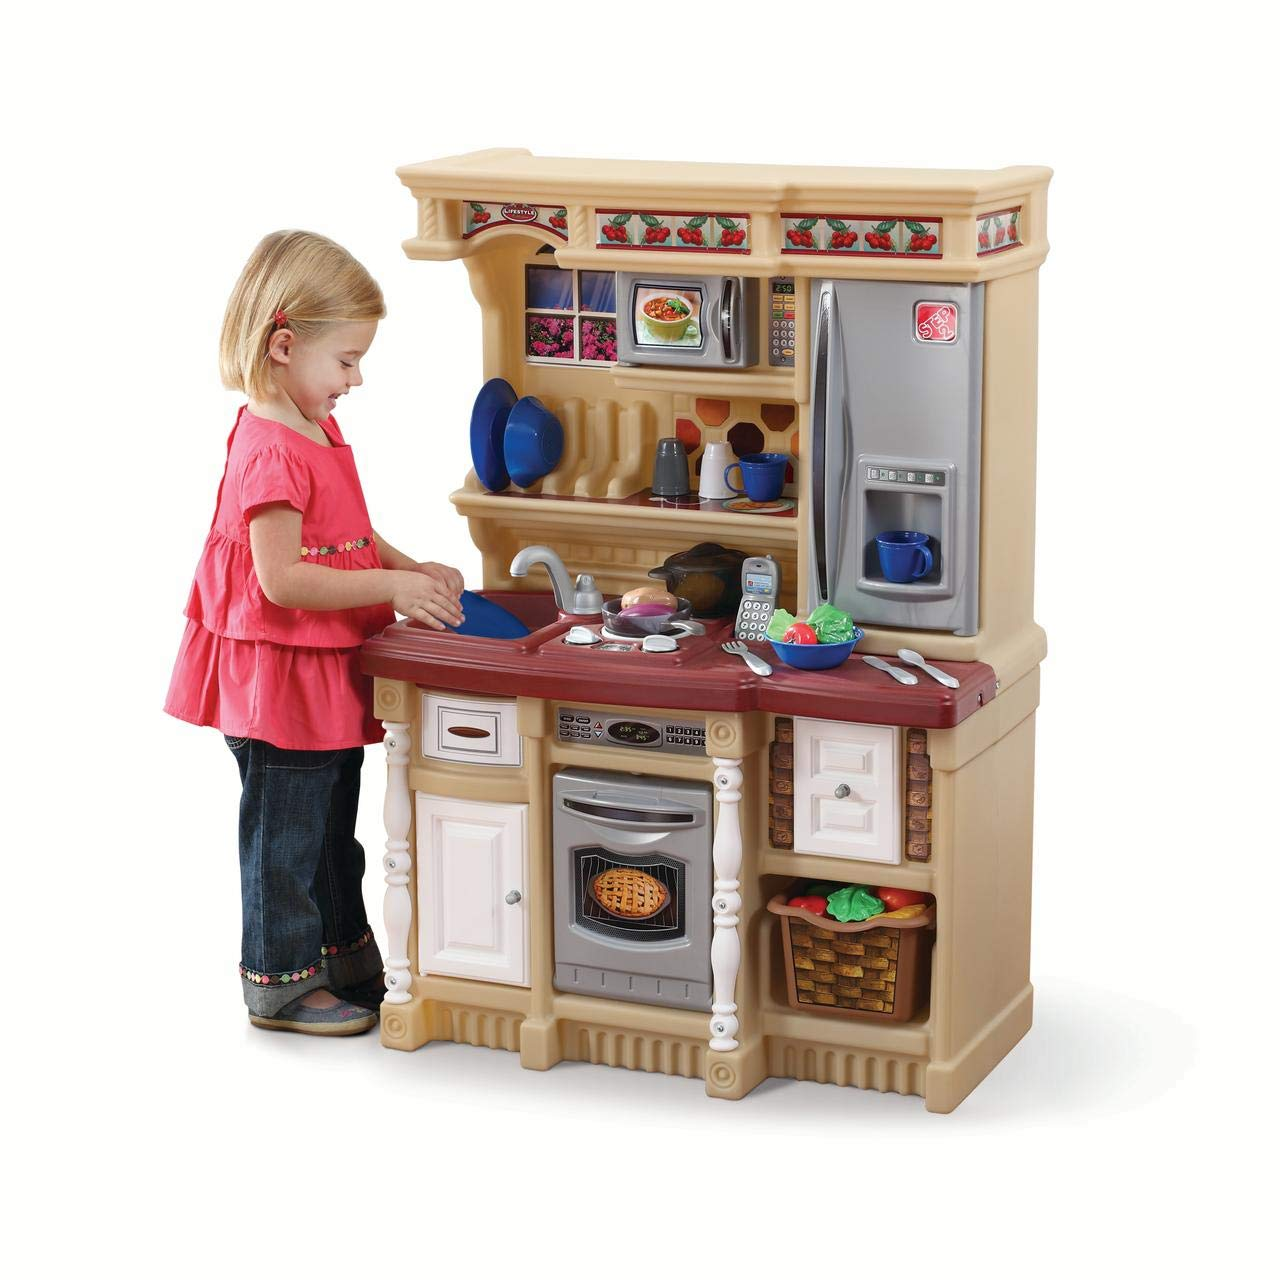 Amazon.com: Juegos para niños juego de utensilios de cocina ...